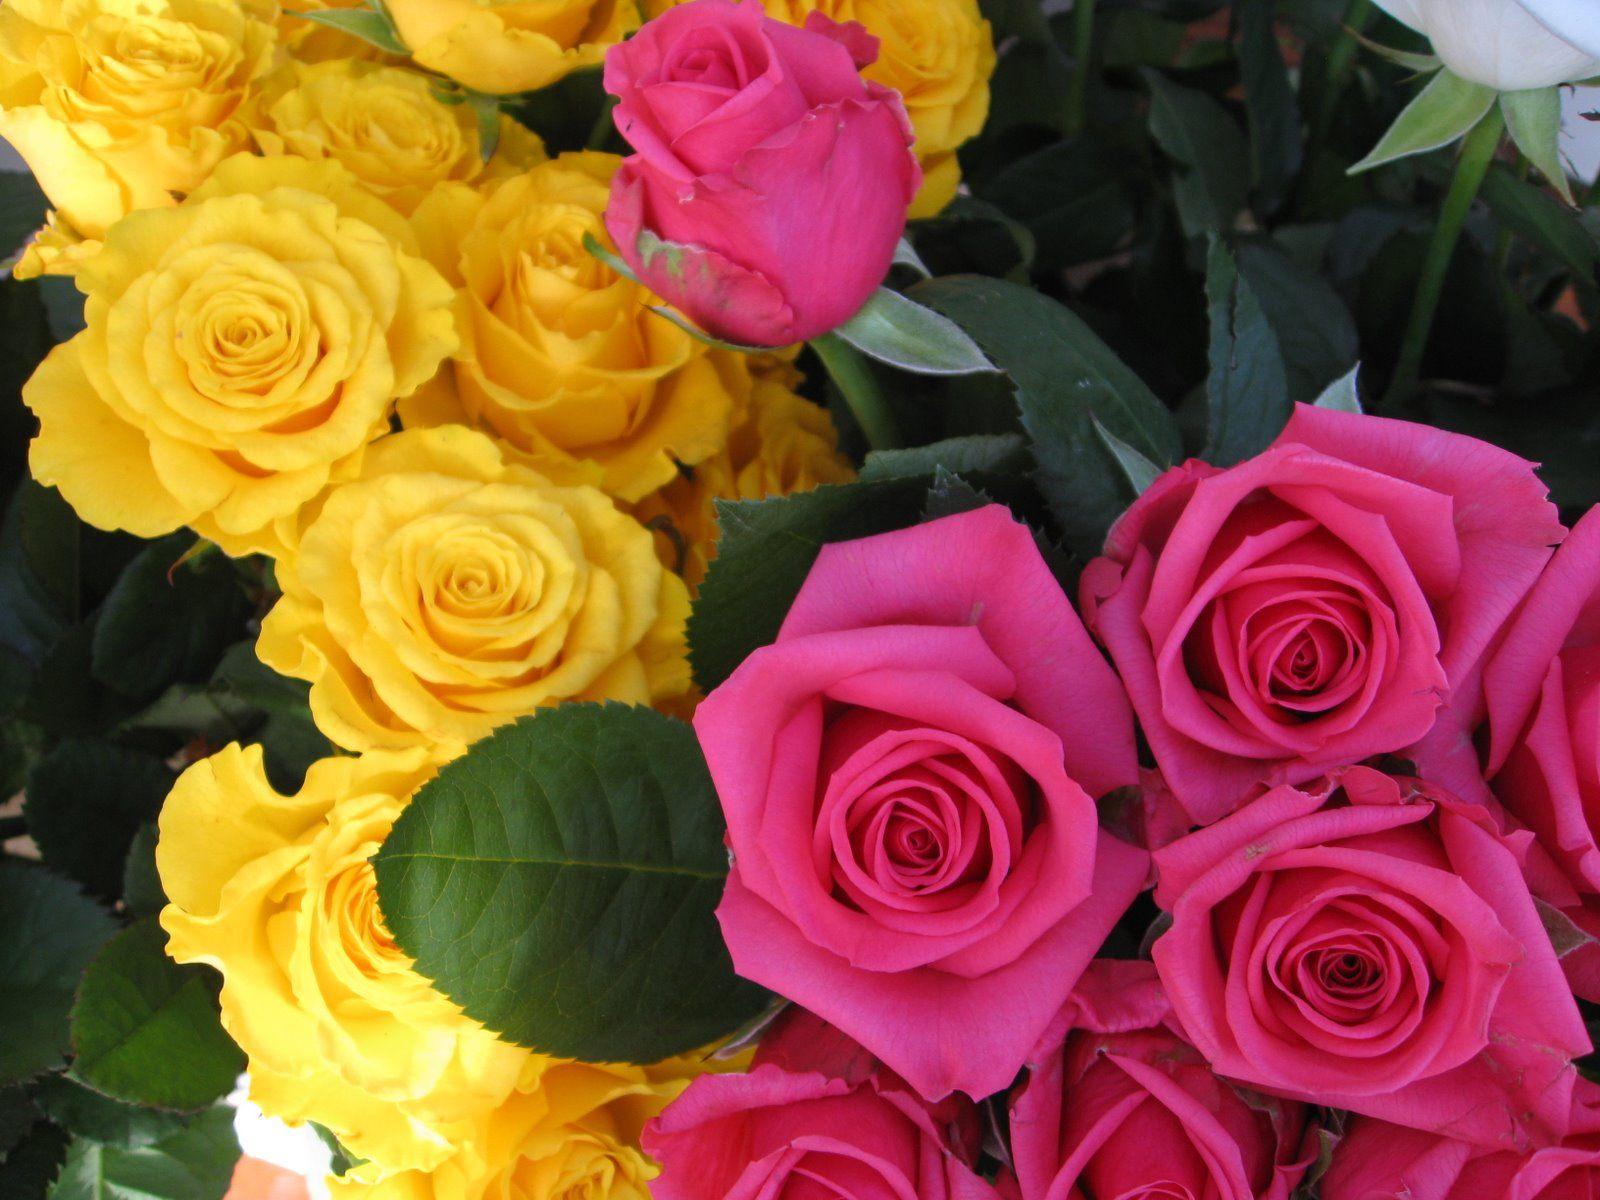 fotos de flores preciosas para fondo celular en hd 13 hd wallpapers - Fotos De Flores Preciosas